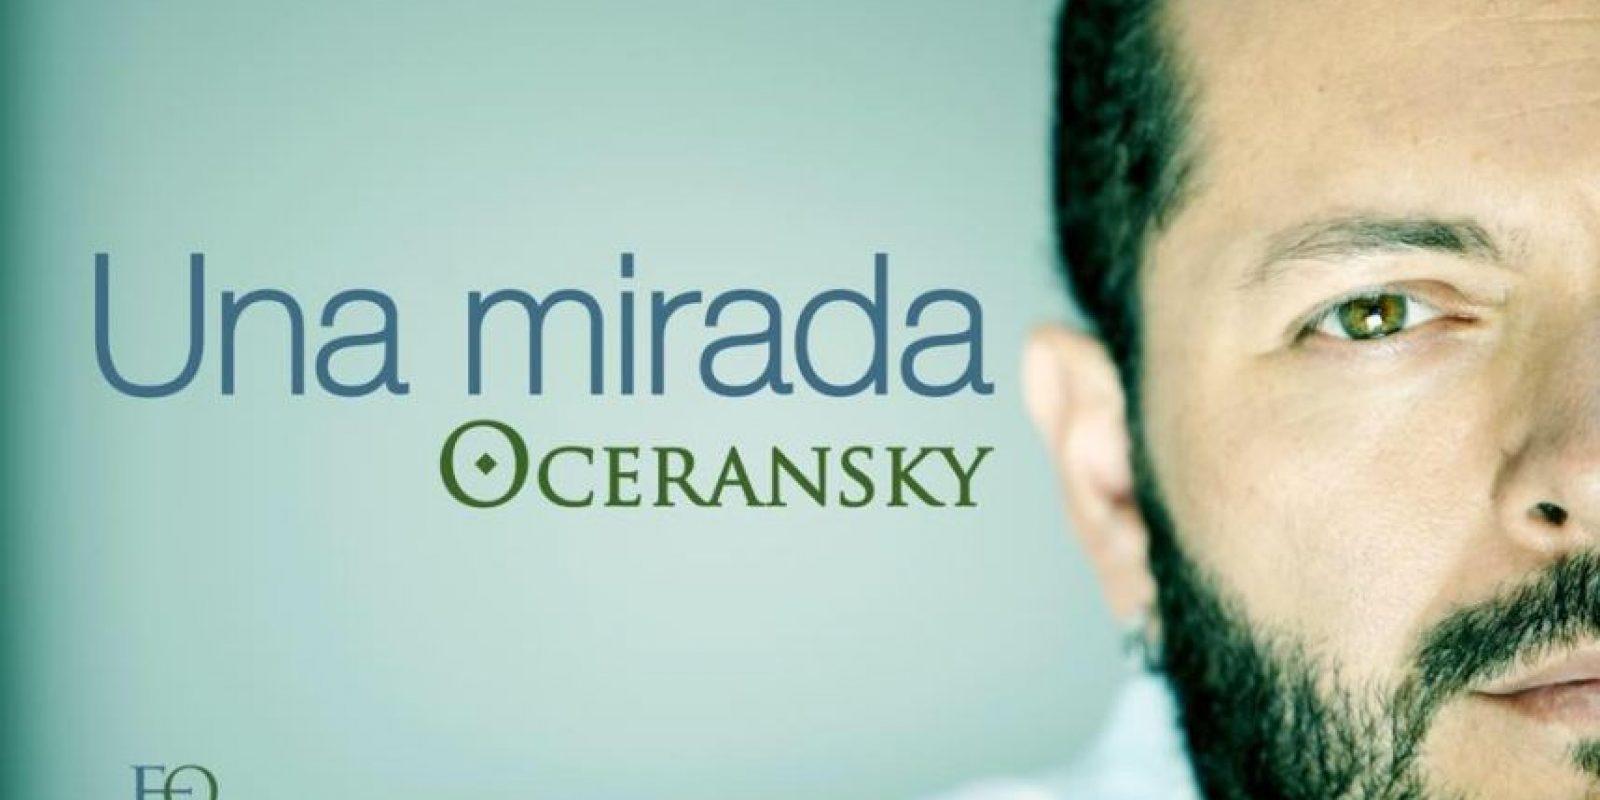 Édgar Oceransky Foto:Facebook